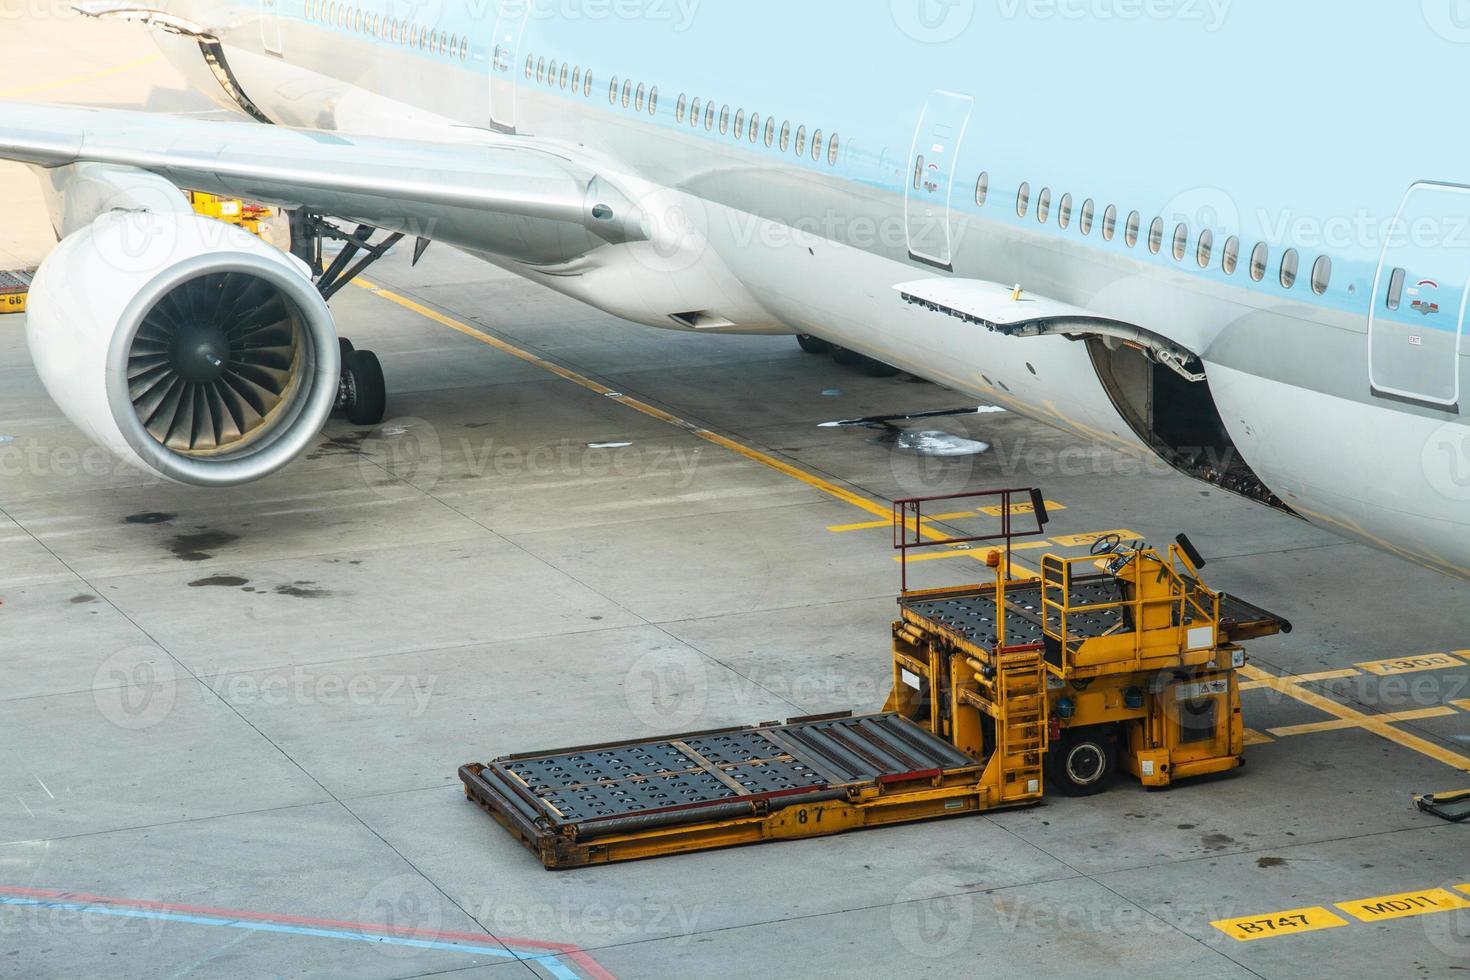 caminhões e aeronaves. foto